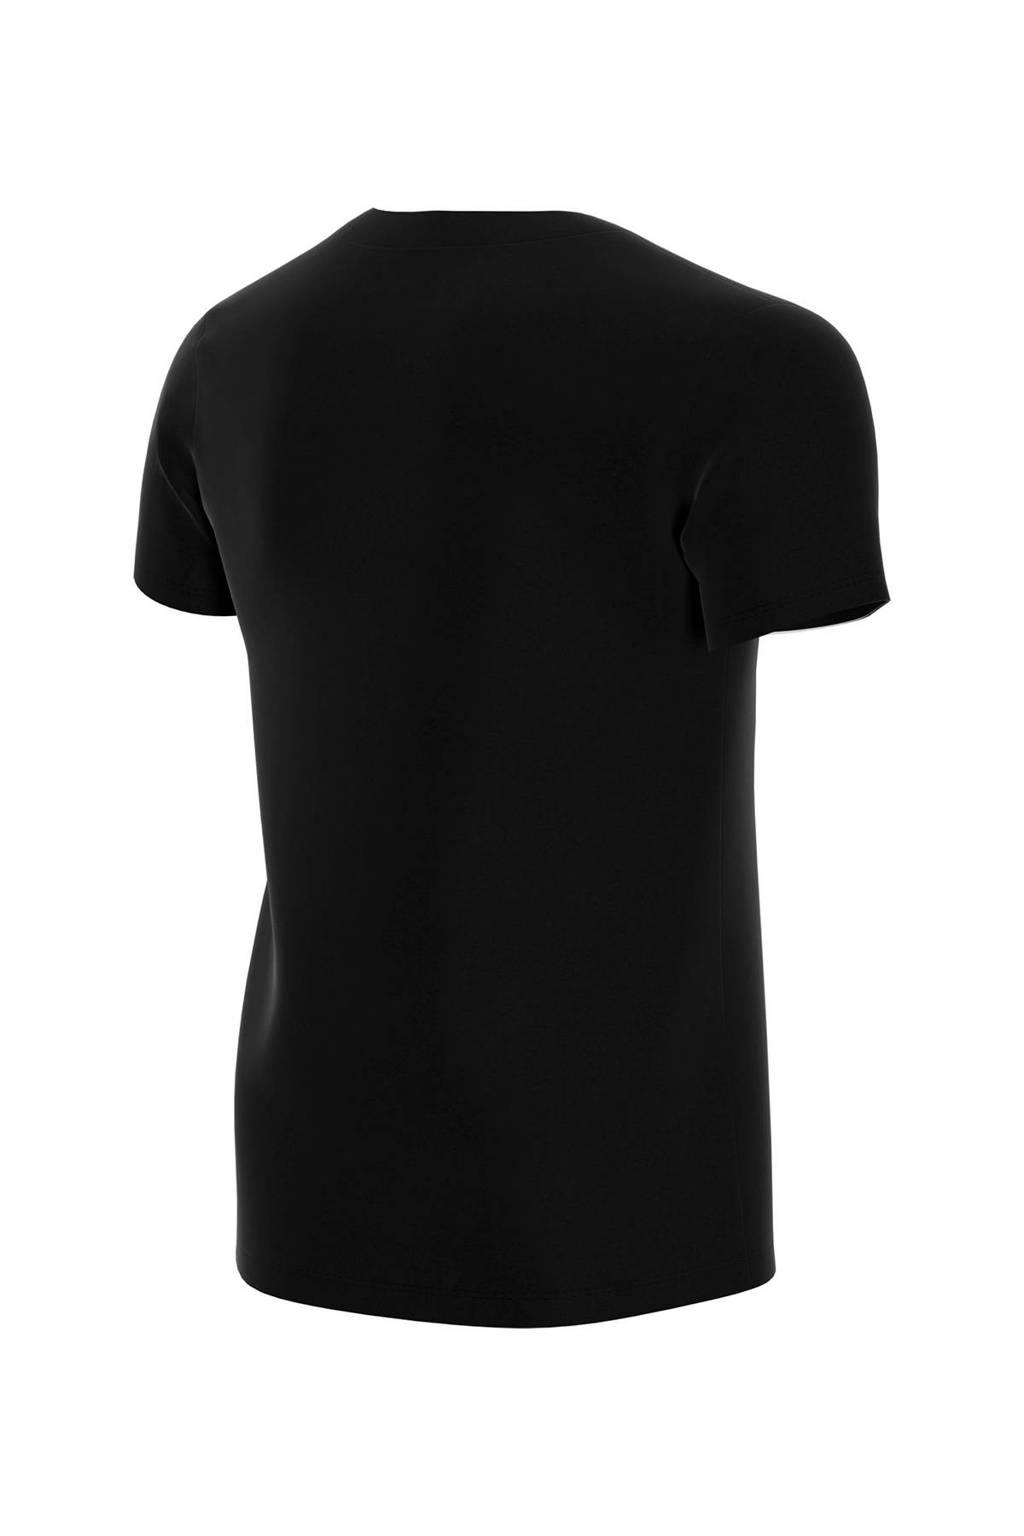 Nike Air T-shirt zwart, Zwart/wit